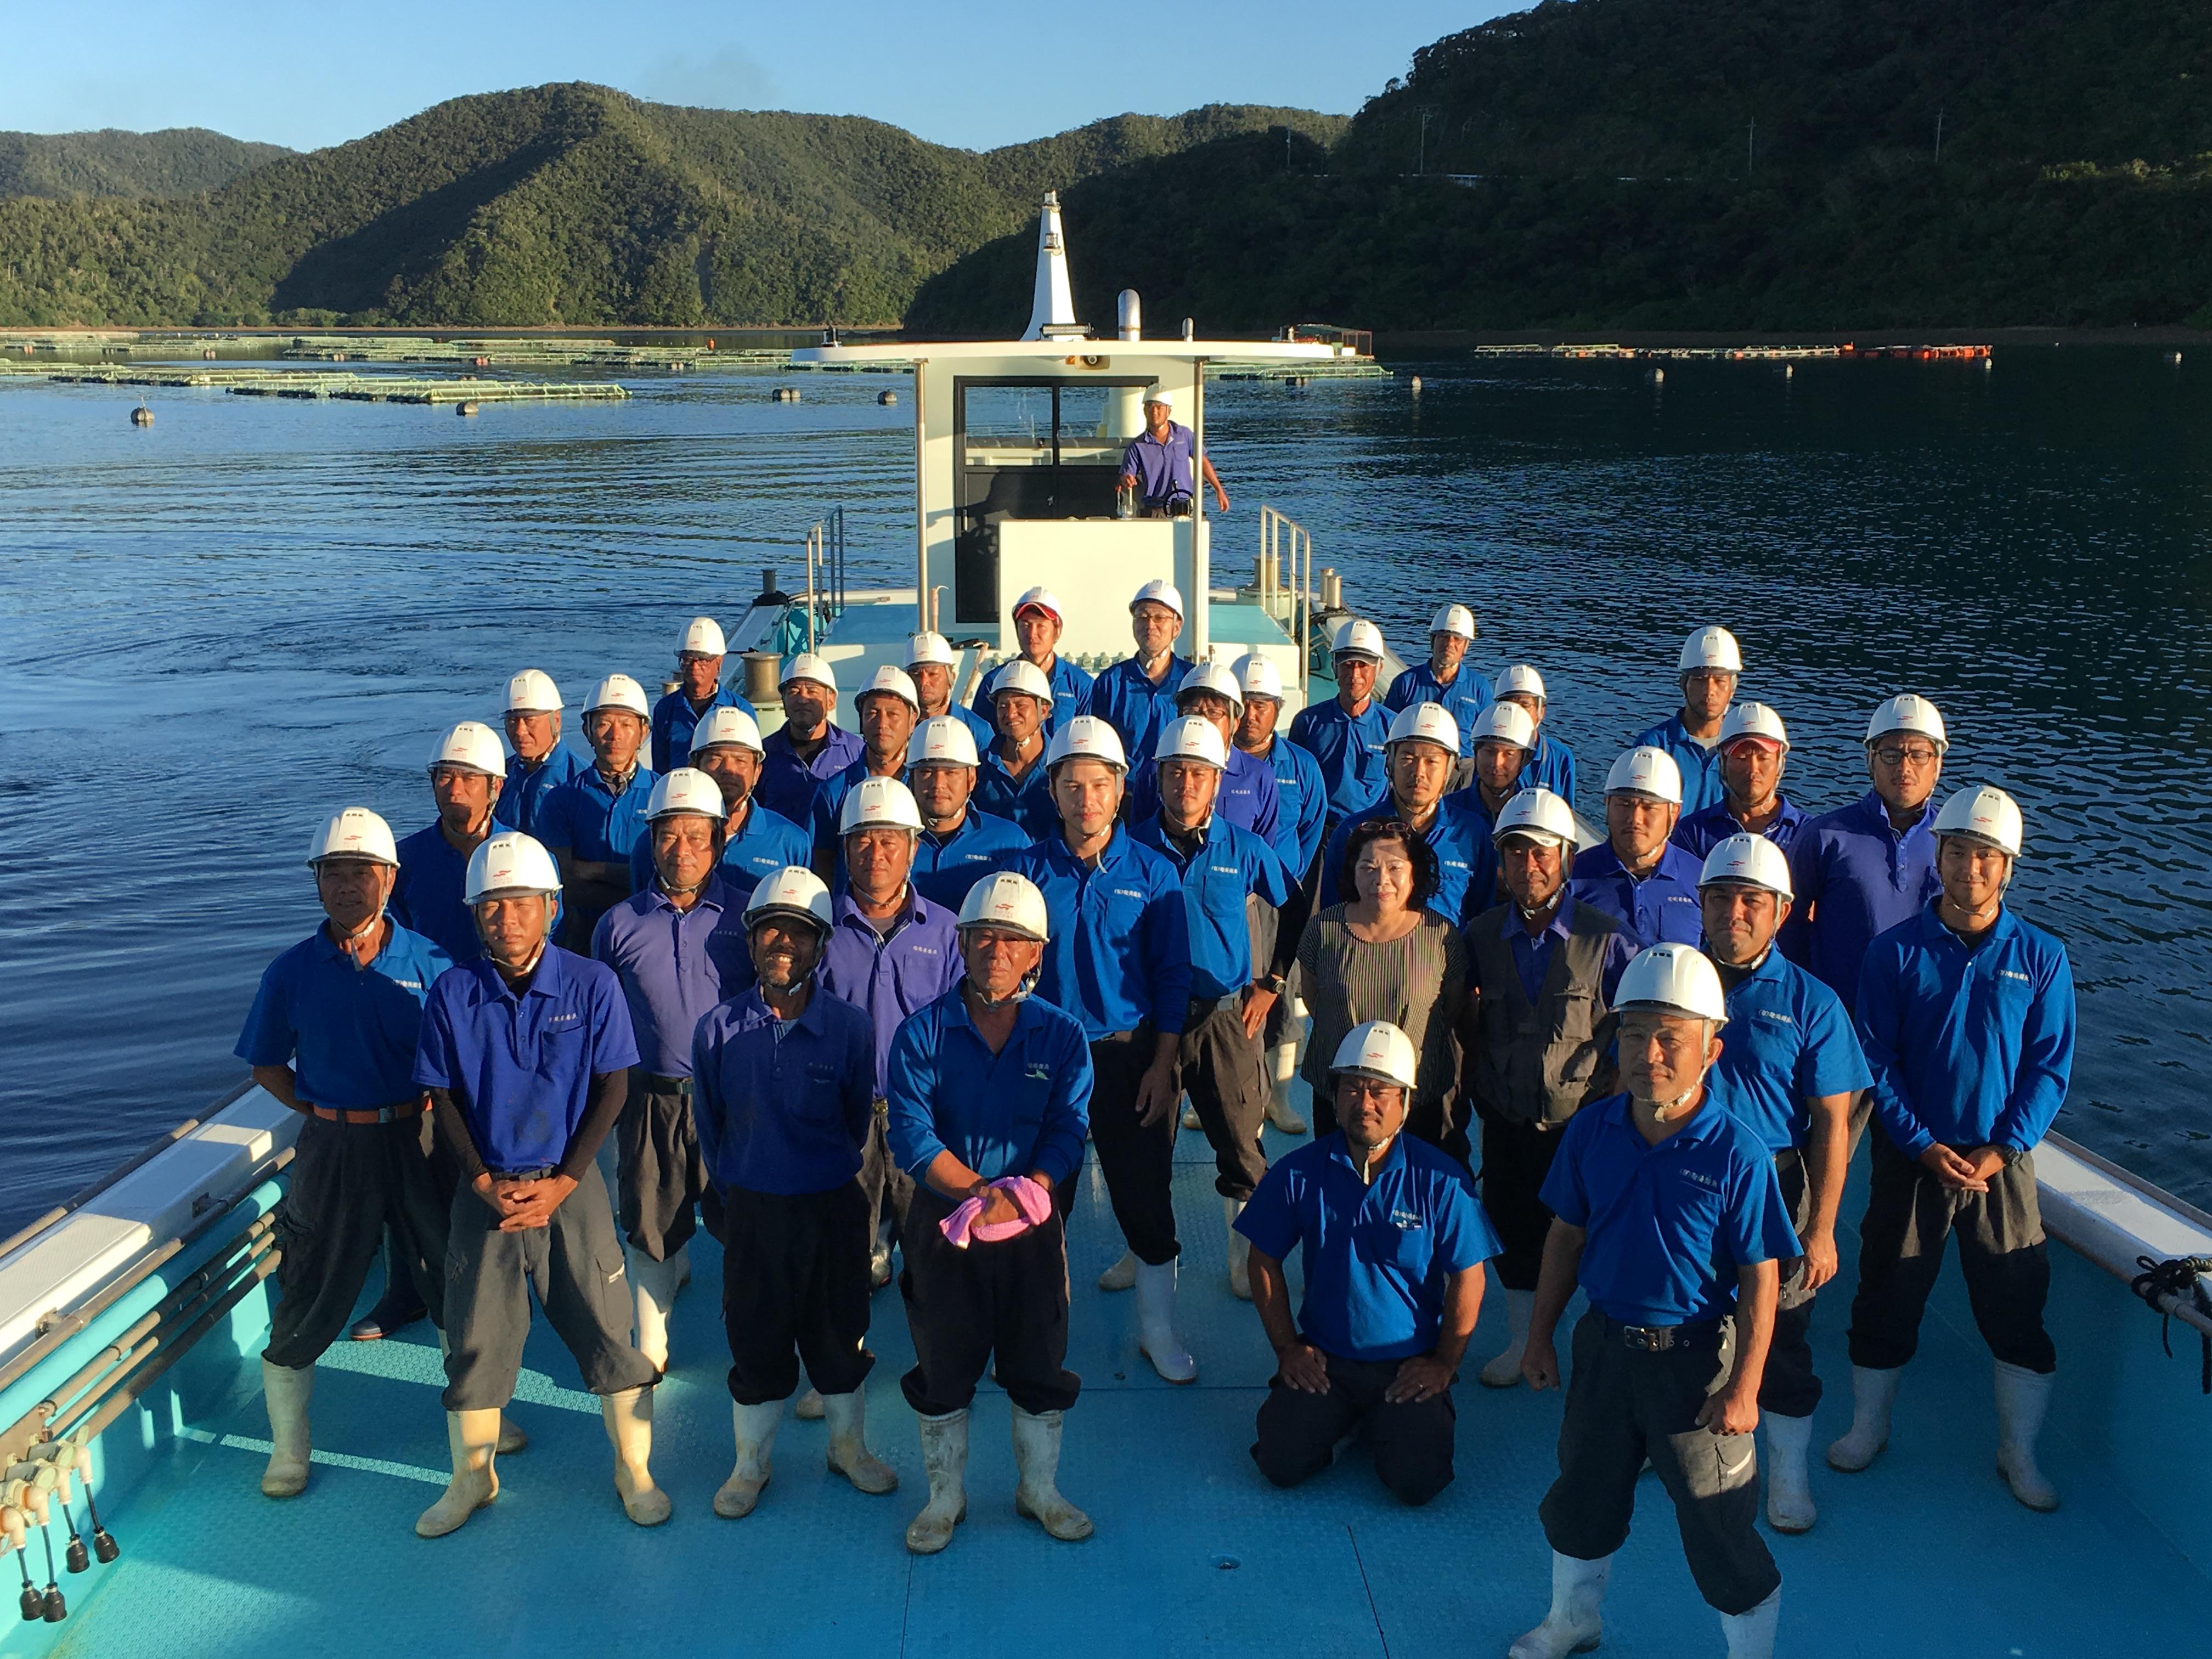 海が好きな方、魚が好きな方、島が好きな方大歓迎!マグロ養殖に関するお仕事です!